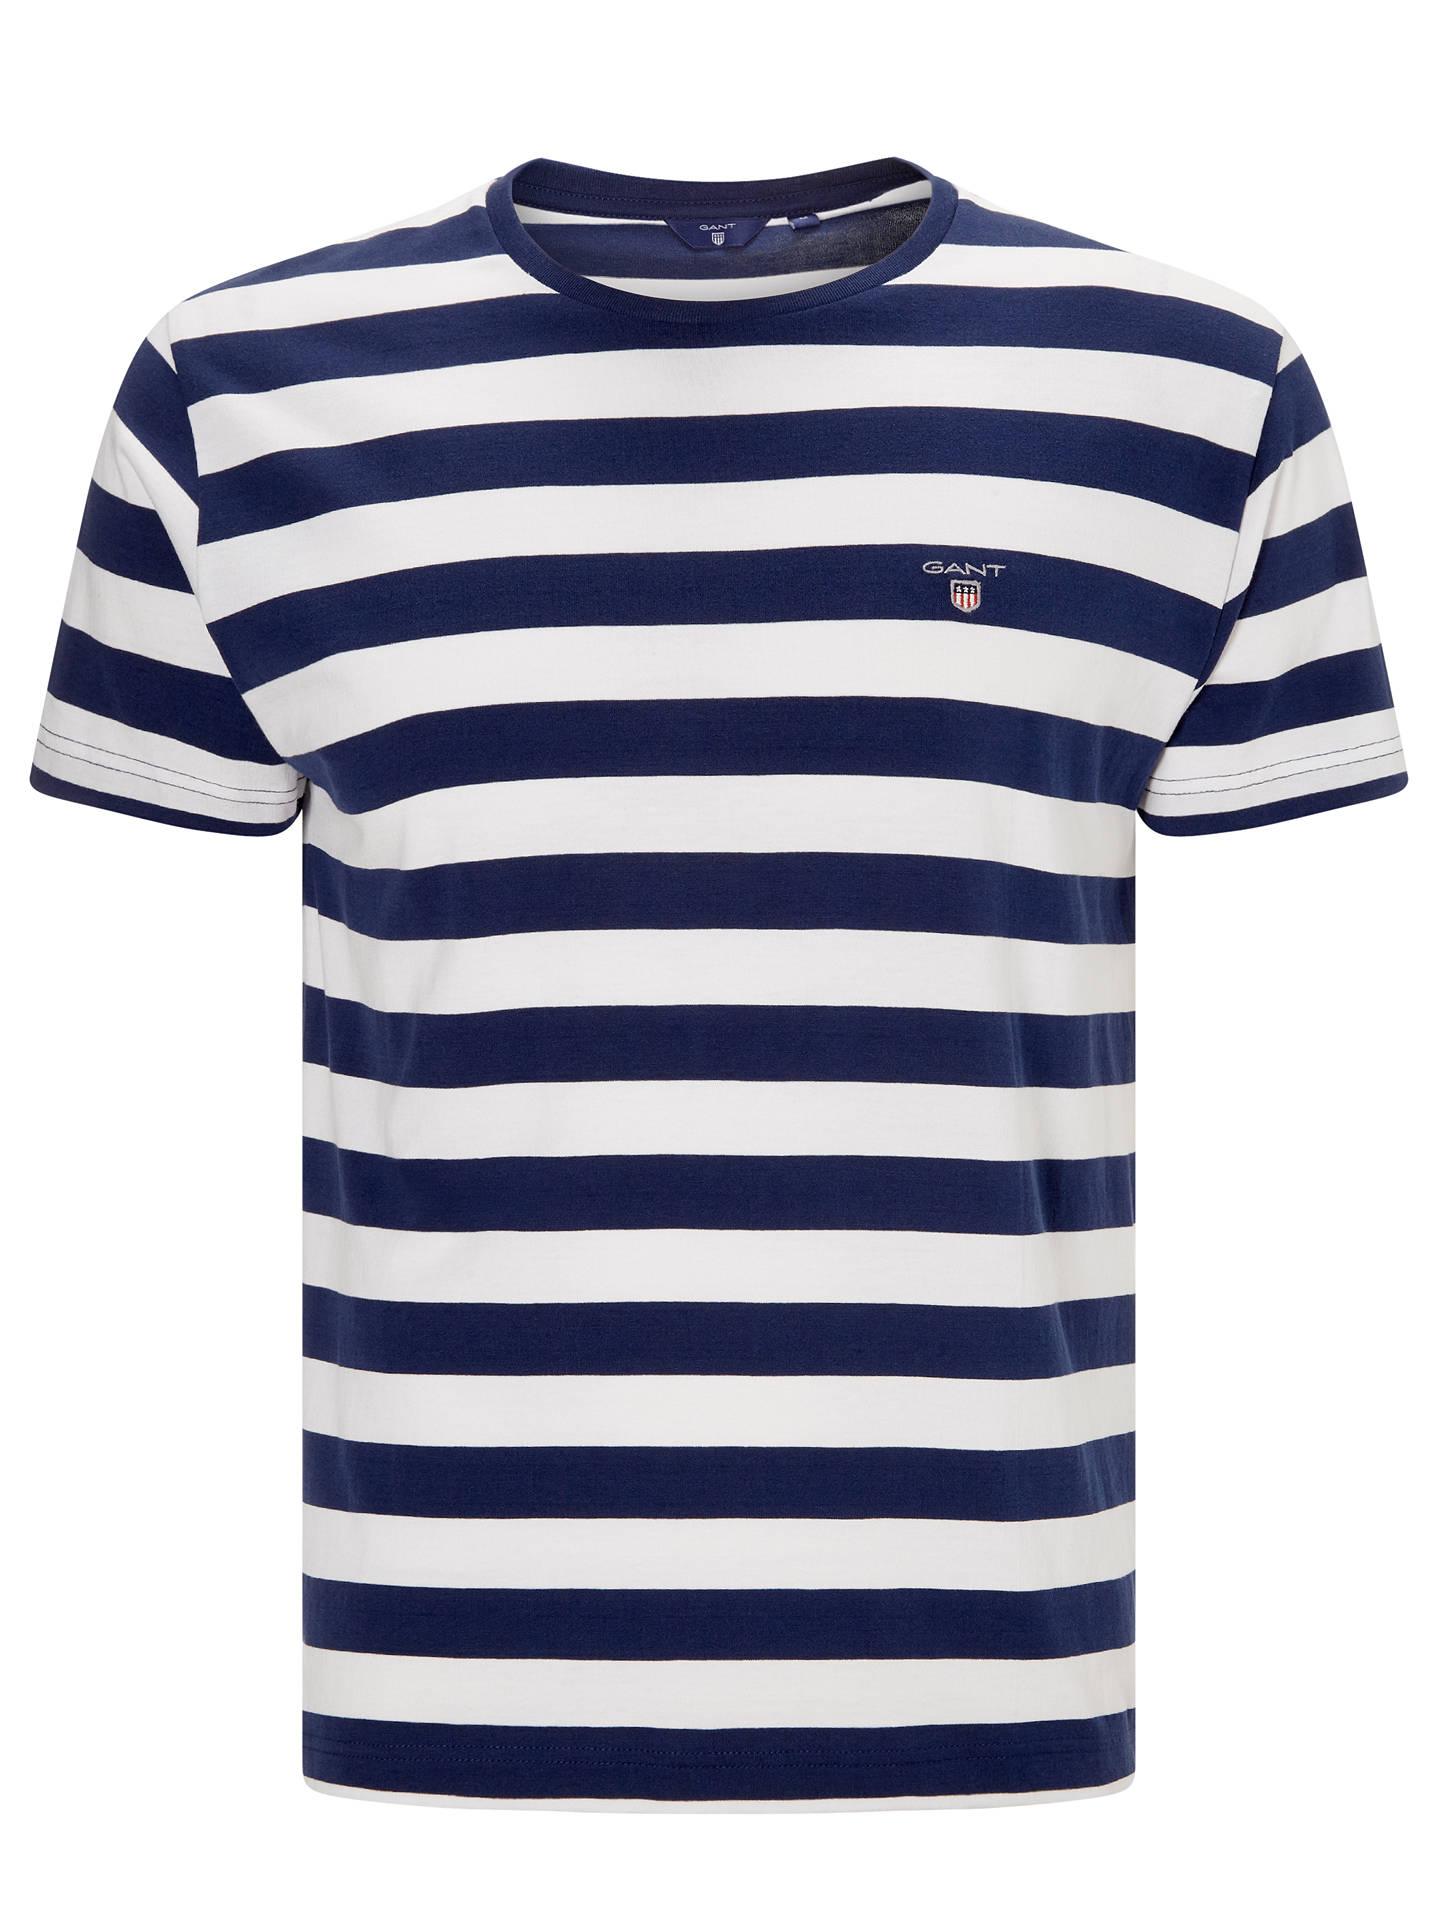 e3f8590946e Buy Gant Bar Striped Crew Neck T-Shirt, White, S Online at johnlewis ...